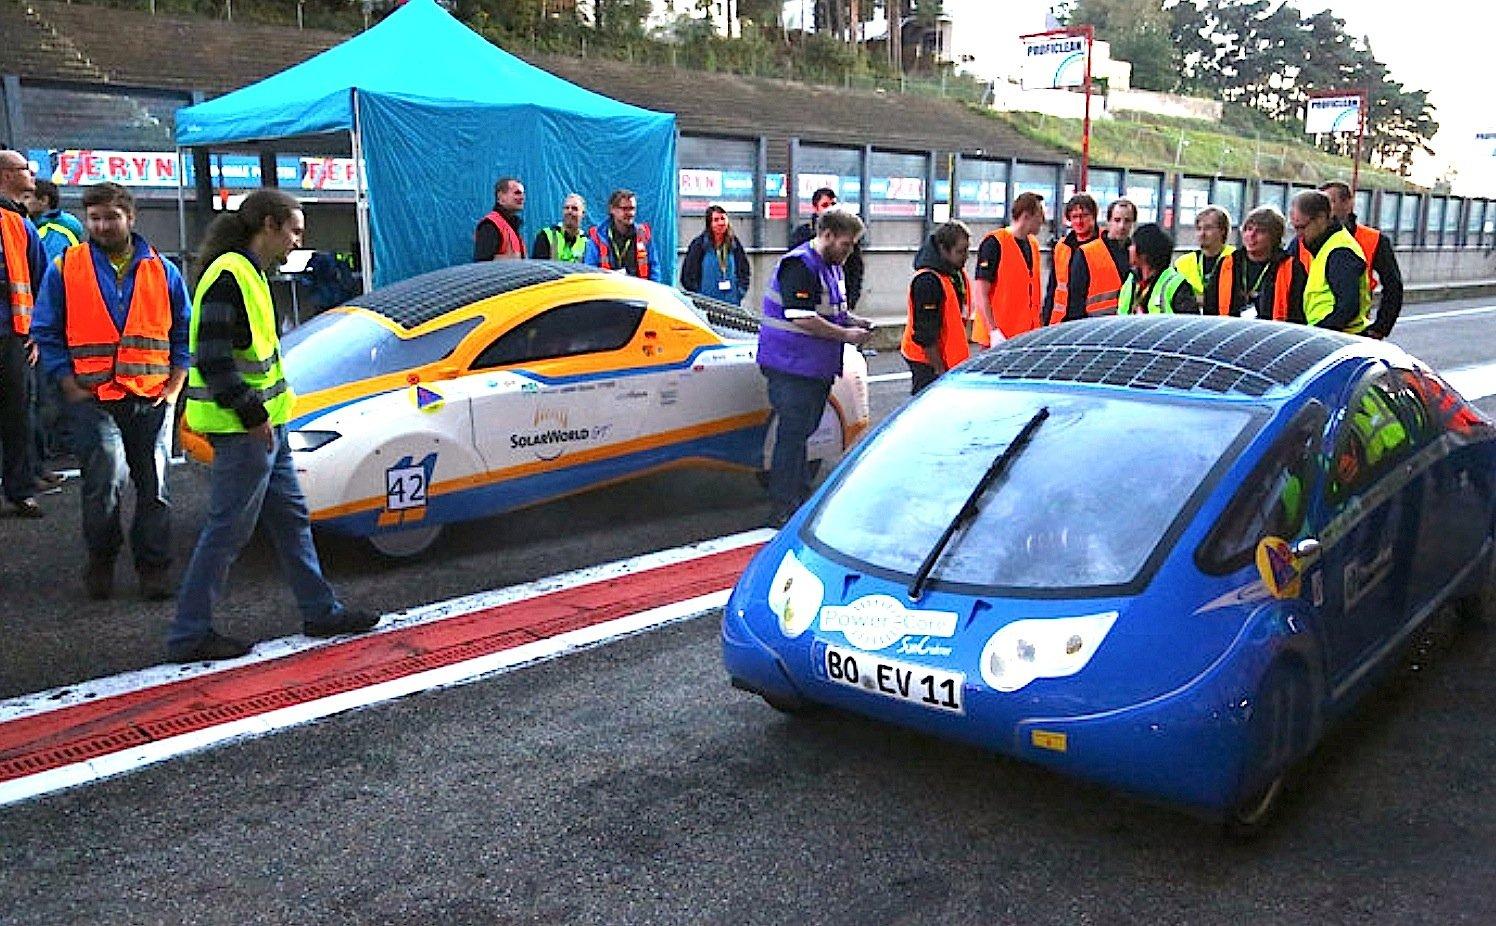 Vor dem Start zum European Solar Challenge in Zolder: Links der orangene KurzstreckenflitzerSolarWorldGT, rechts das LangstreckenfahrzeugSunCruiser.